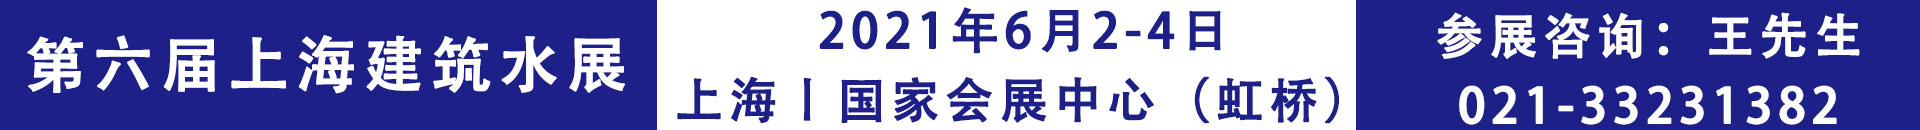 第六届上海建筑水展